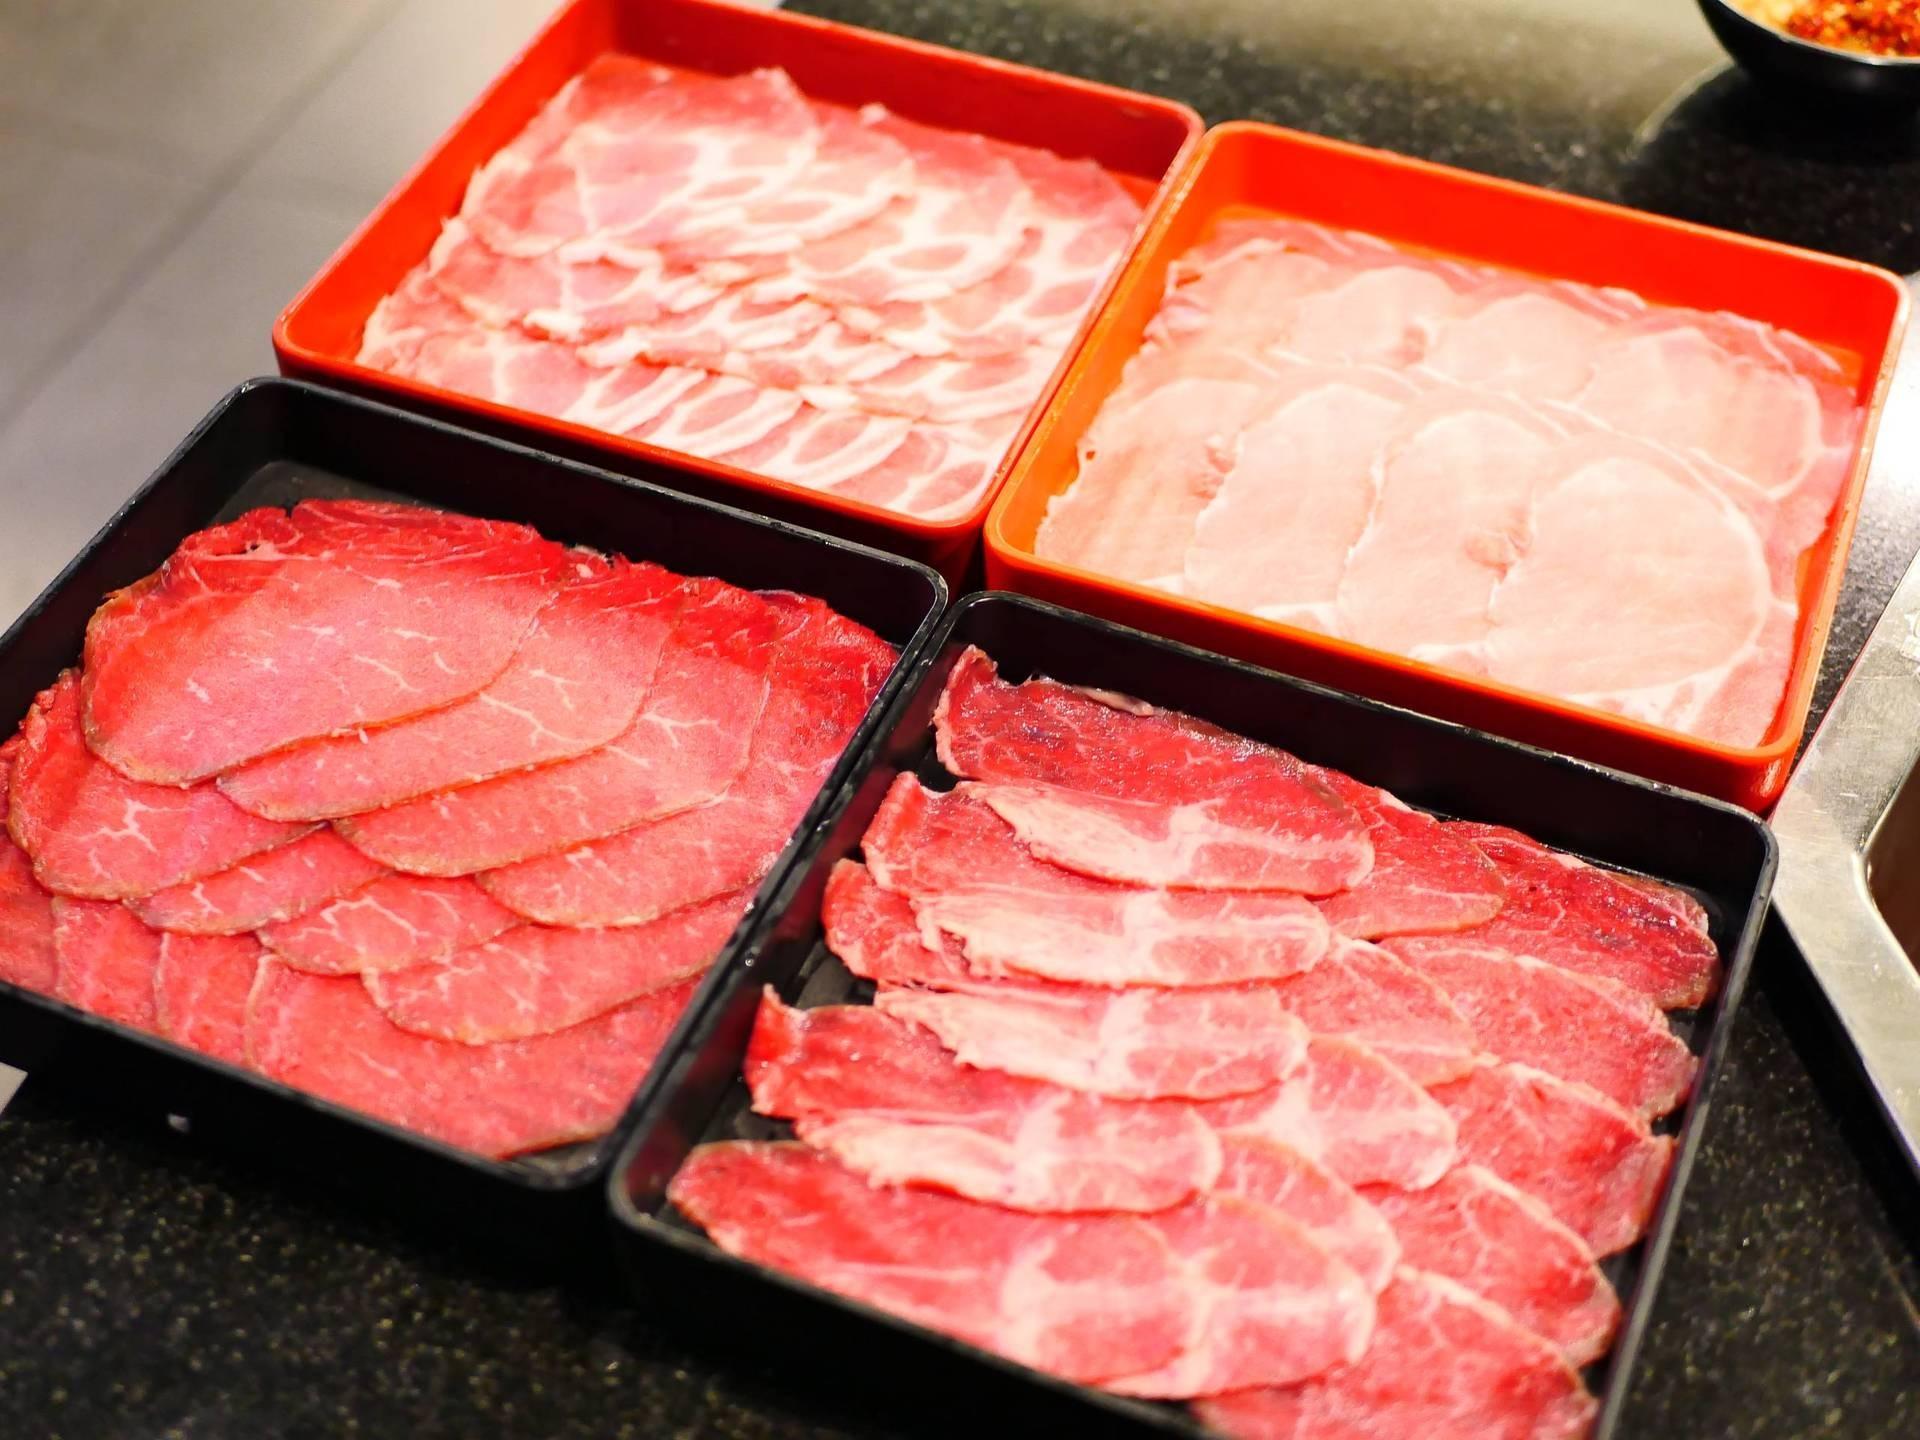 เนื้อสัตว์มีทั้งเนื้อหมูและเนื้อวัวคุณภาพค่อนข้างดี